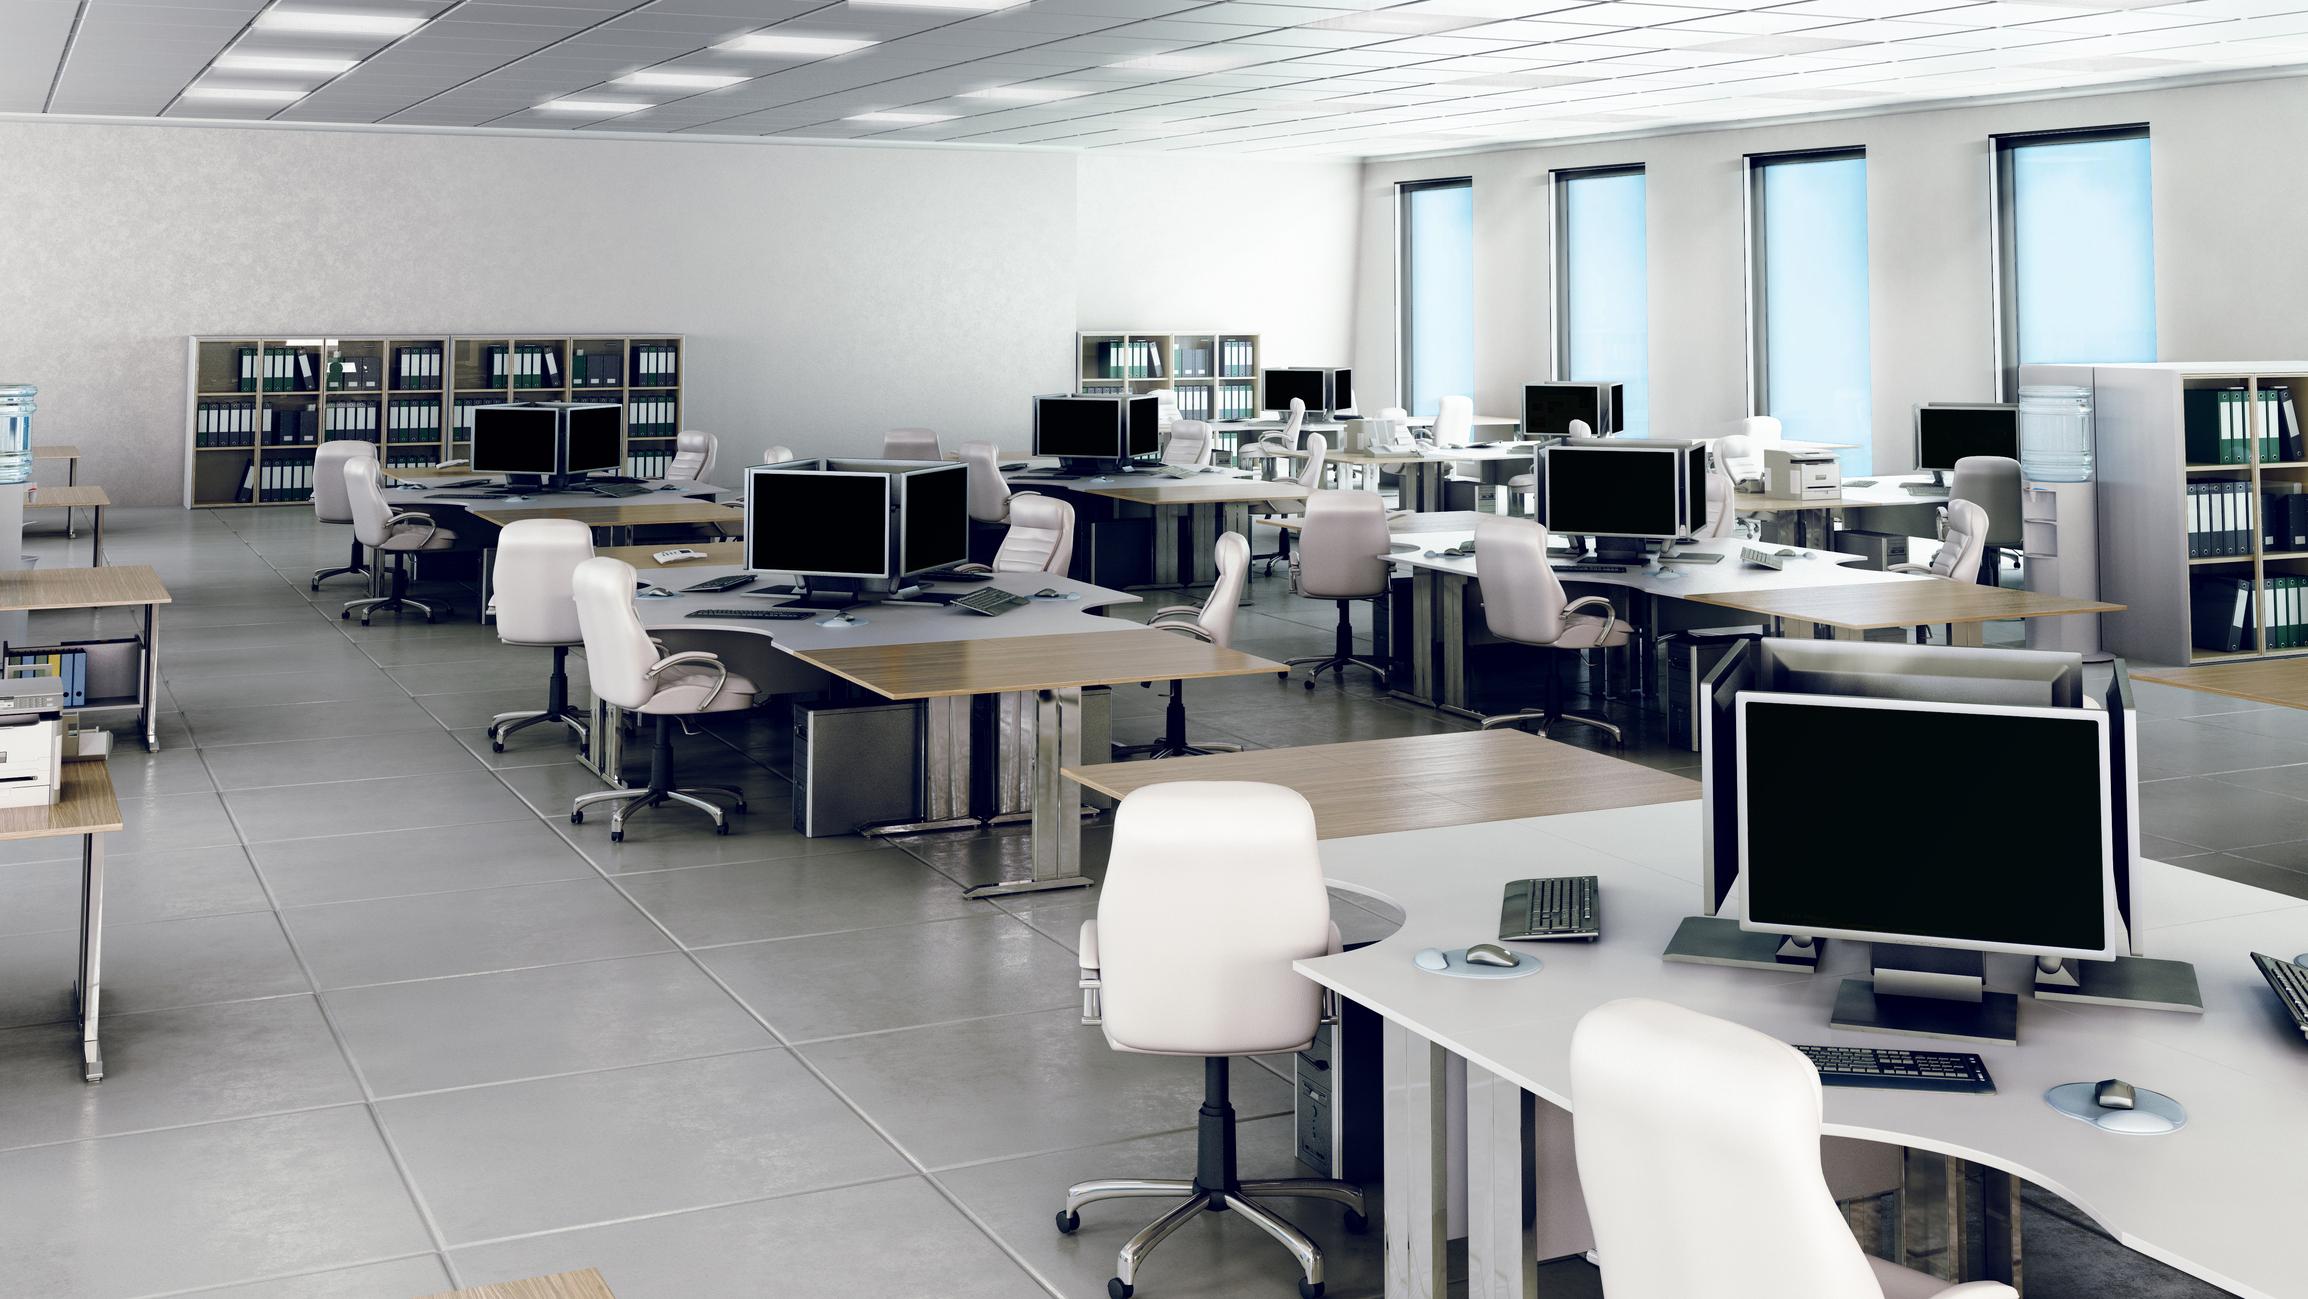 Il rischio di affaticamento visivo in ambienti di lavoro ingegneri